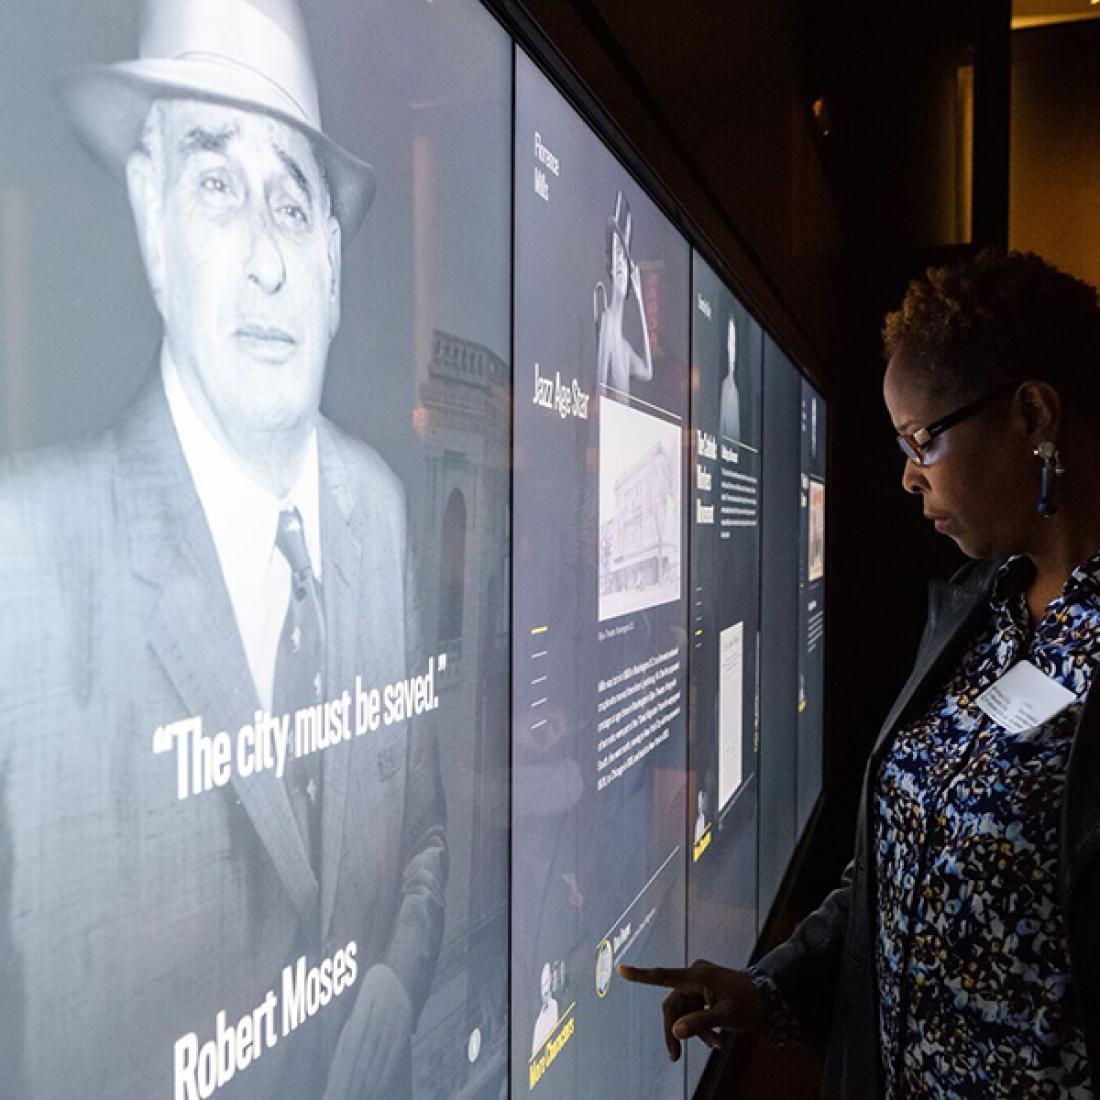 教育人员检查触摸屏,以显示纽约市过去人们的故事。